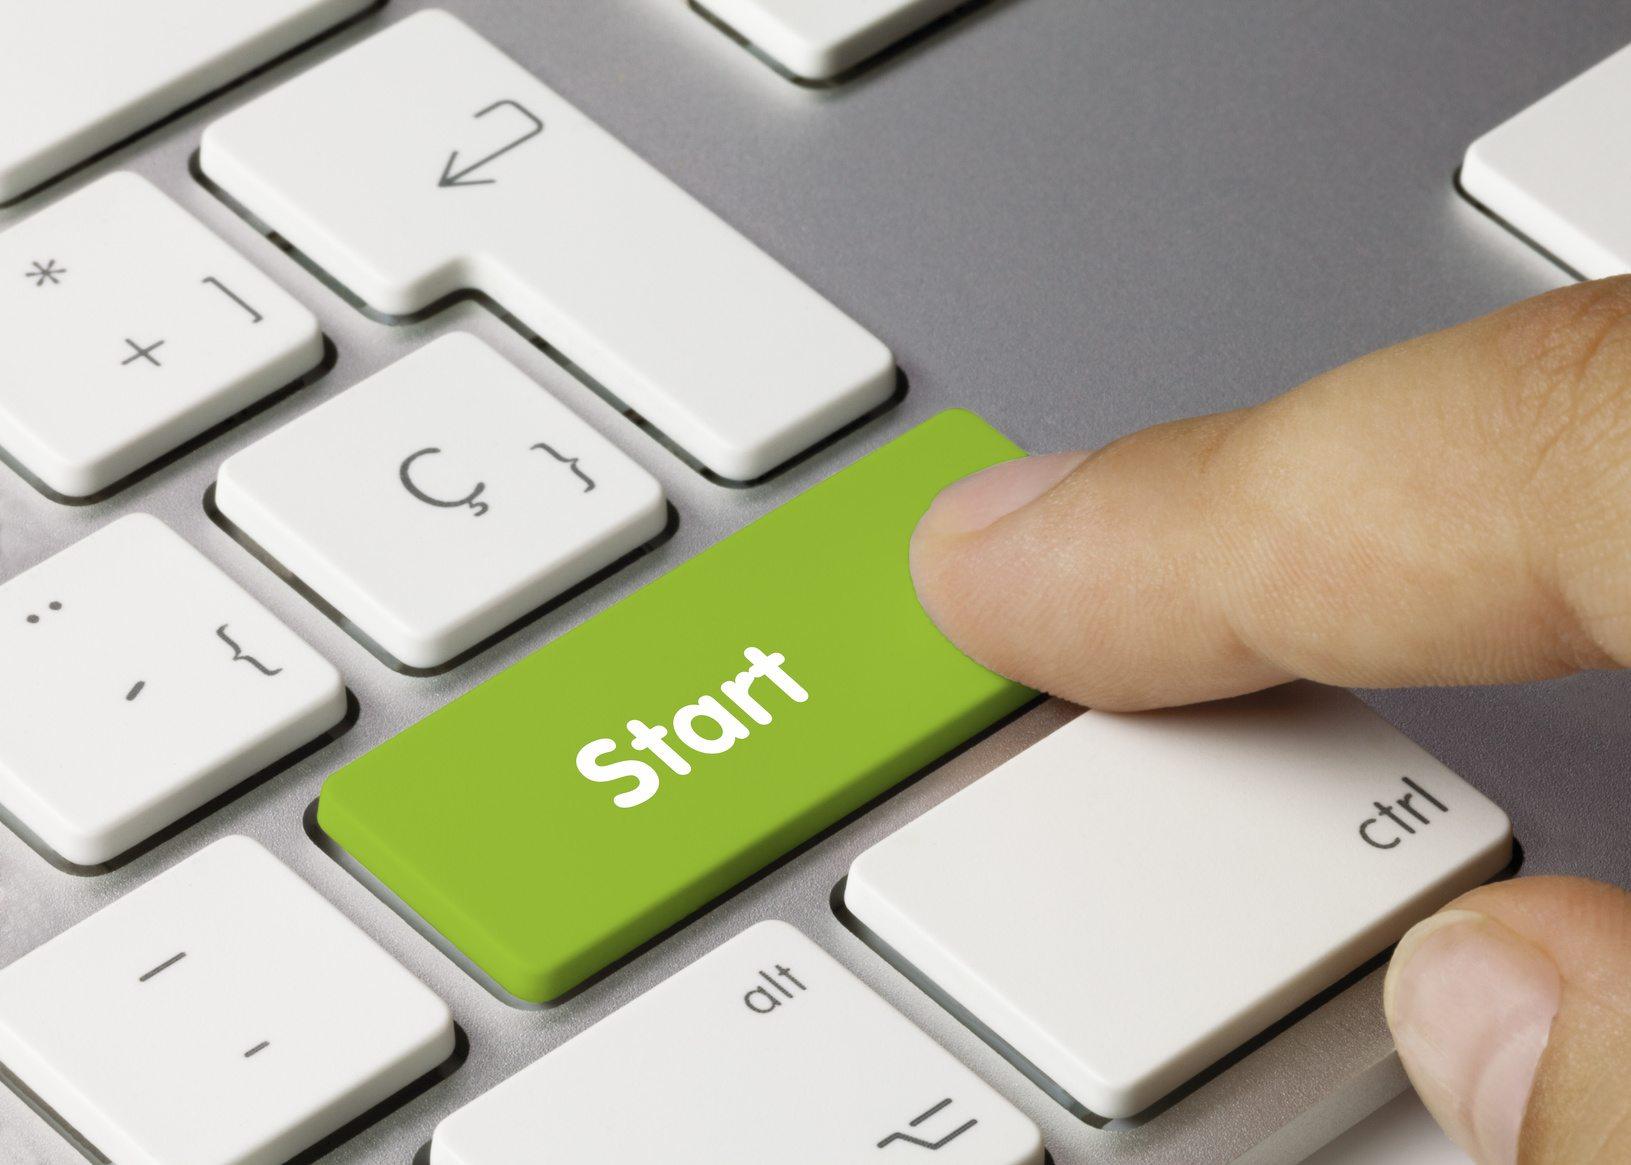 Worauf muss ich achten wenn ich eine Website in Auftrag gebe?